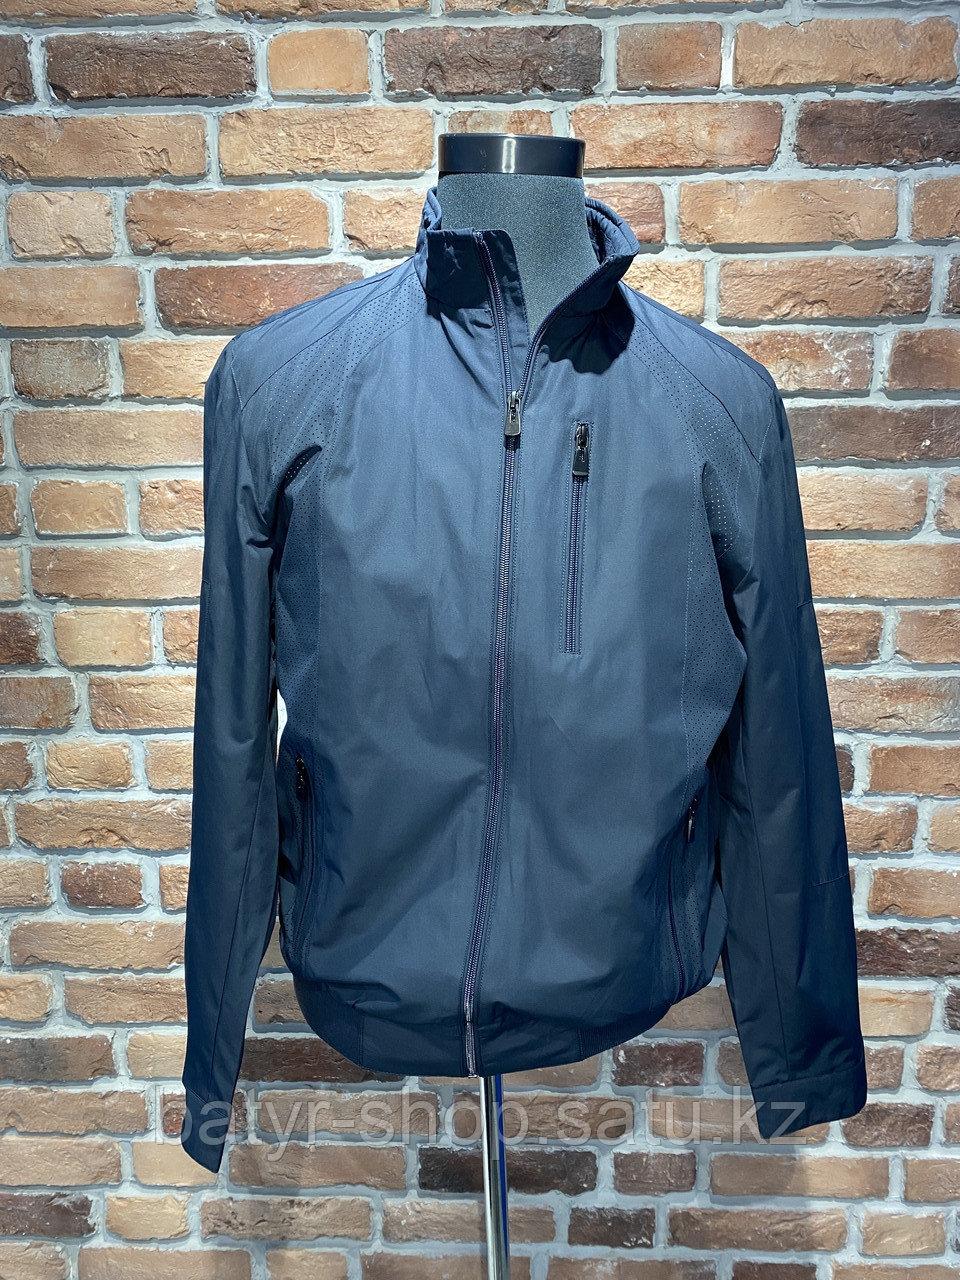 Куртка-ветровка Harry Bertoia (0168)